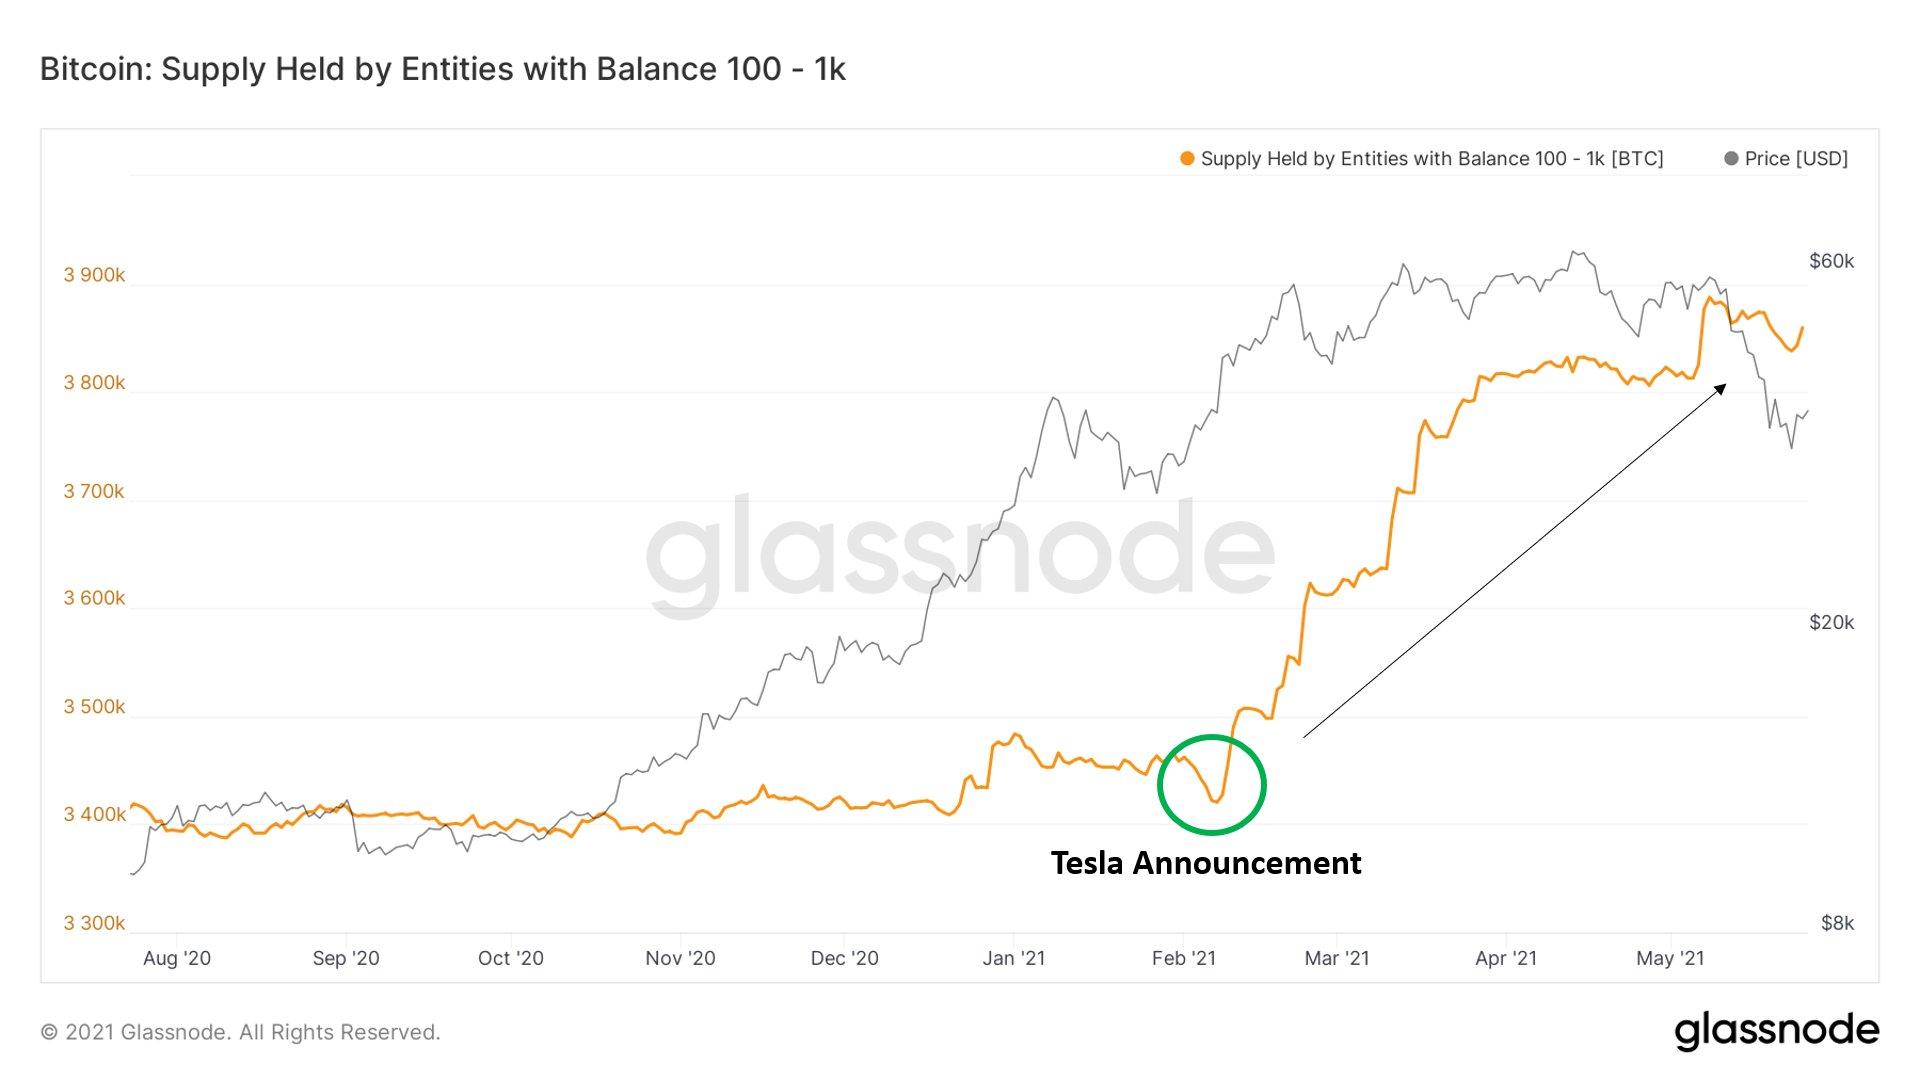 Il parametro di Glassnode mostra segni di stabilizzazione dopo il recente crollo